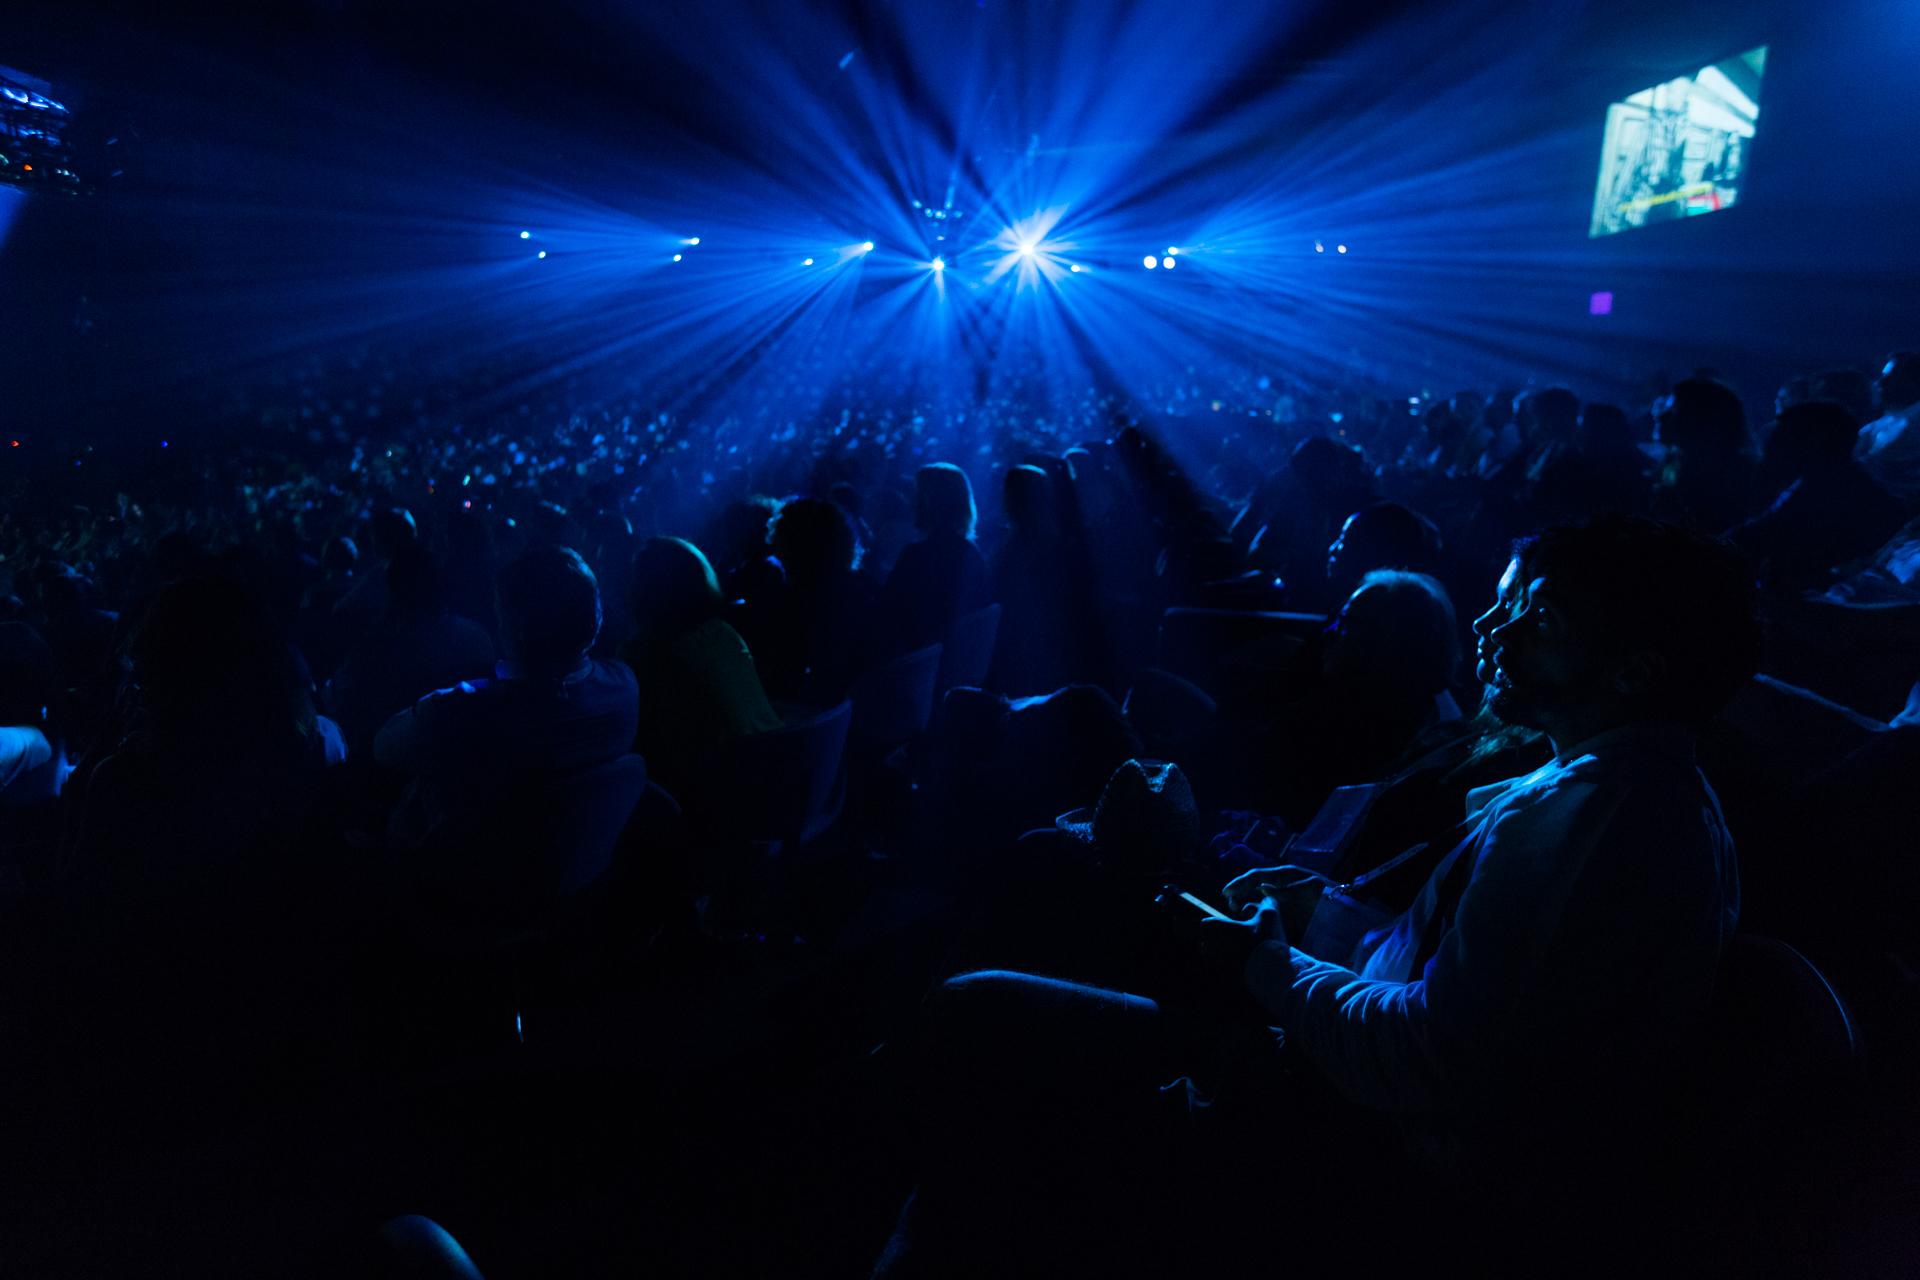 The darkened theater. Photo: Ryan Lash